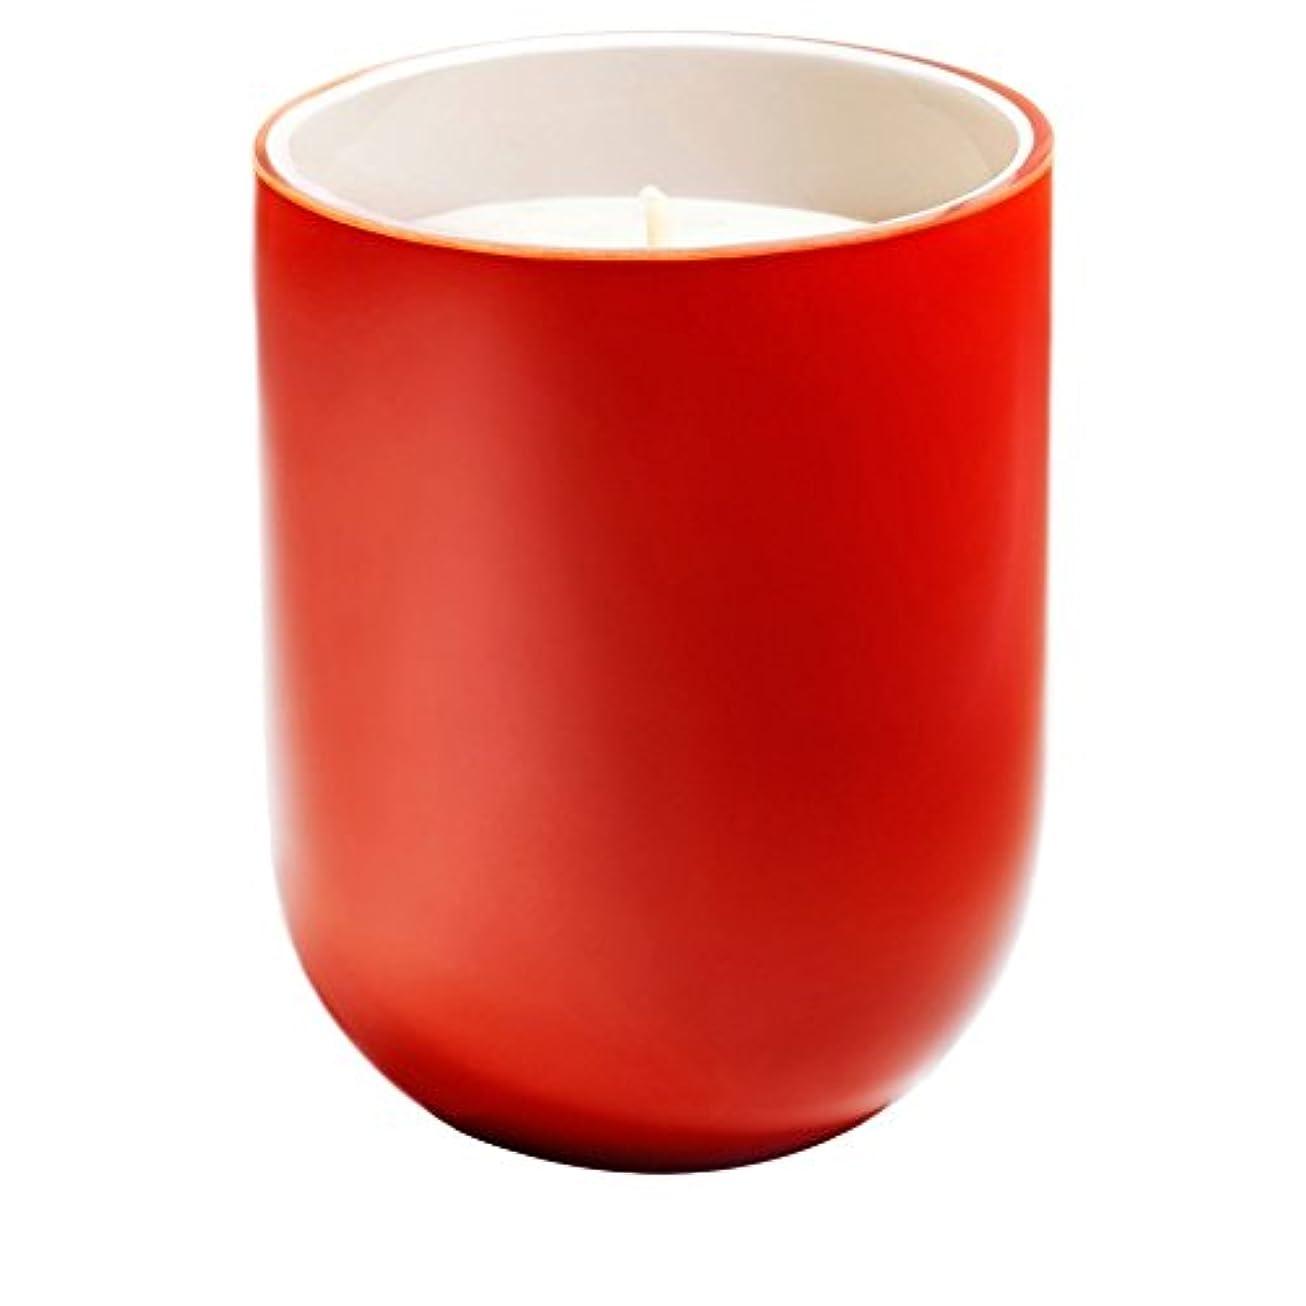 ブラウズ教会滞在フレデリック?マル国連ガーデニア?ラ?ニュイ香りのキャンドル x6 - Frederic Malle Un Gard?nia La Nuit Scented Candle (Pack of 6) [並行輸入品]